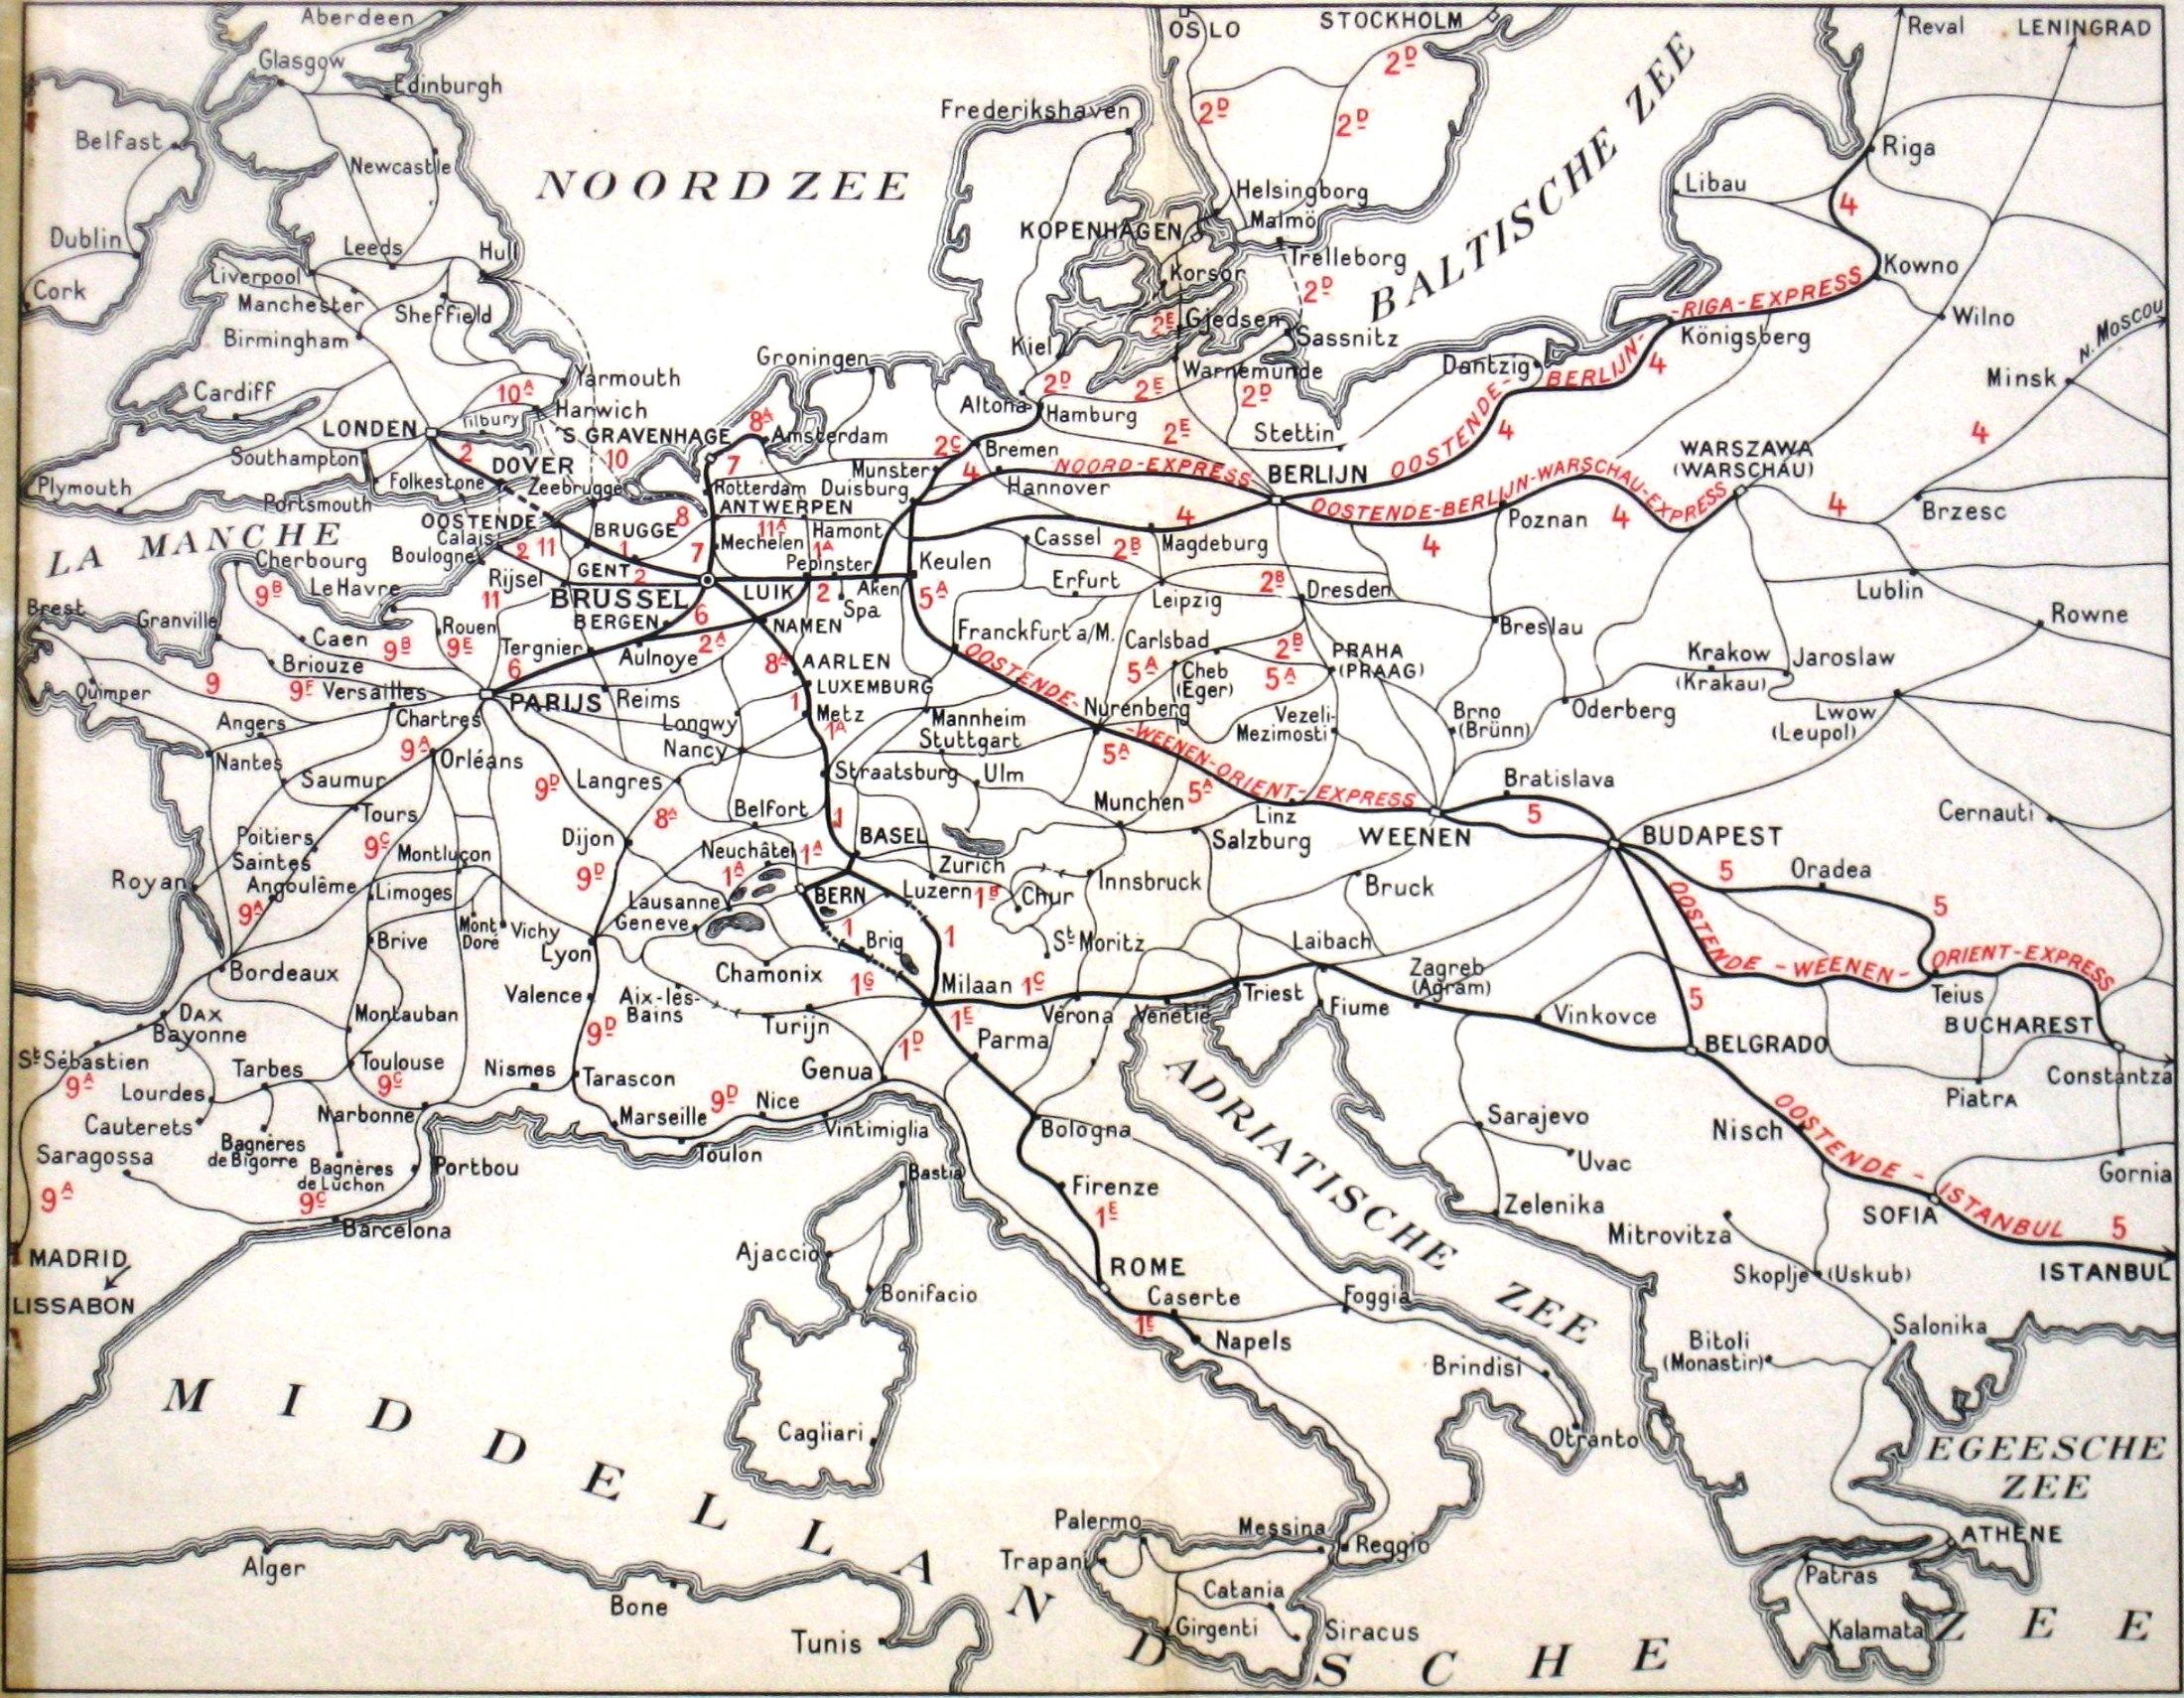 FileInternational trains from Belgium 1933jpg Wikimedia Commons – Belgium Rail Map